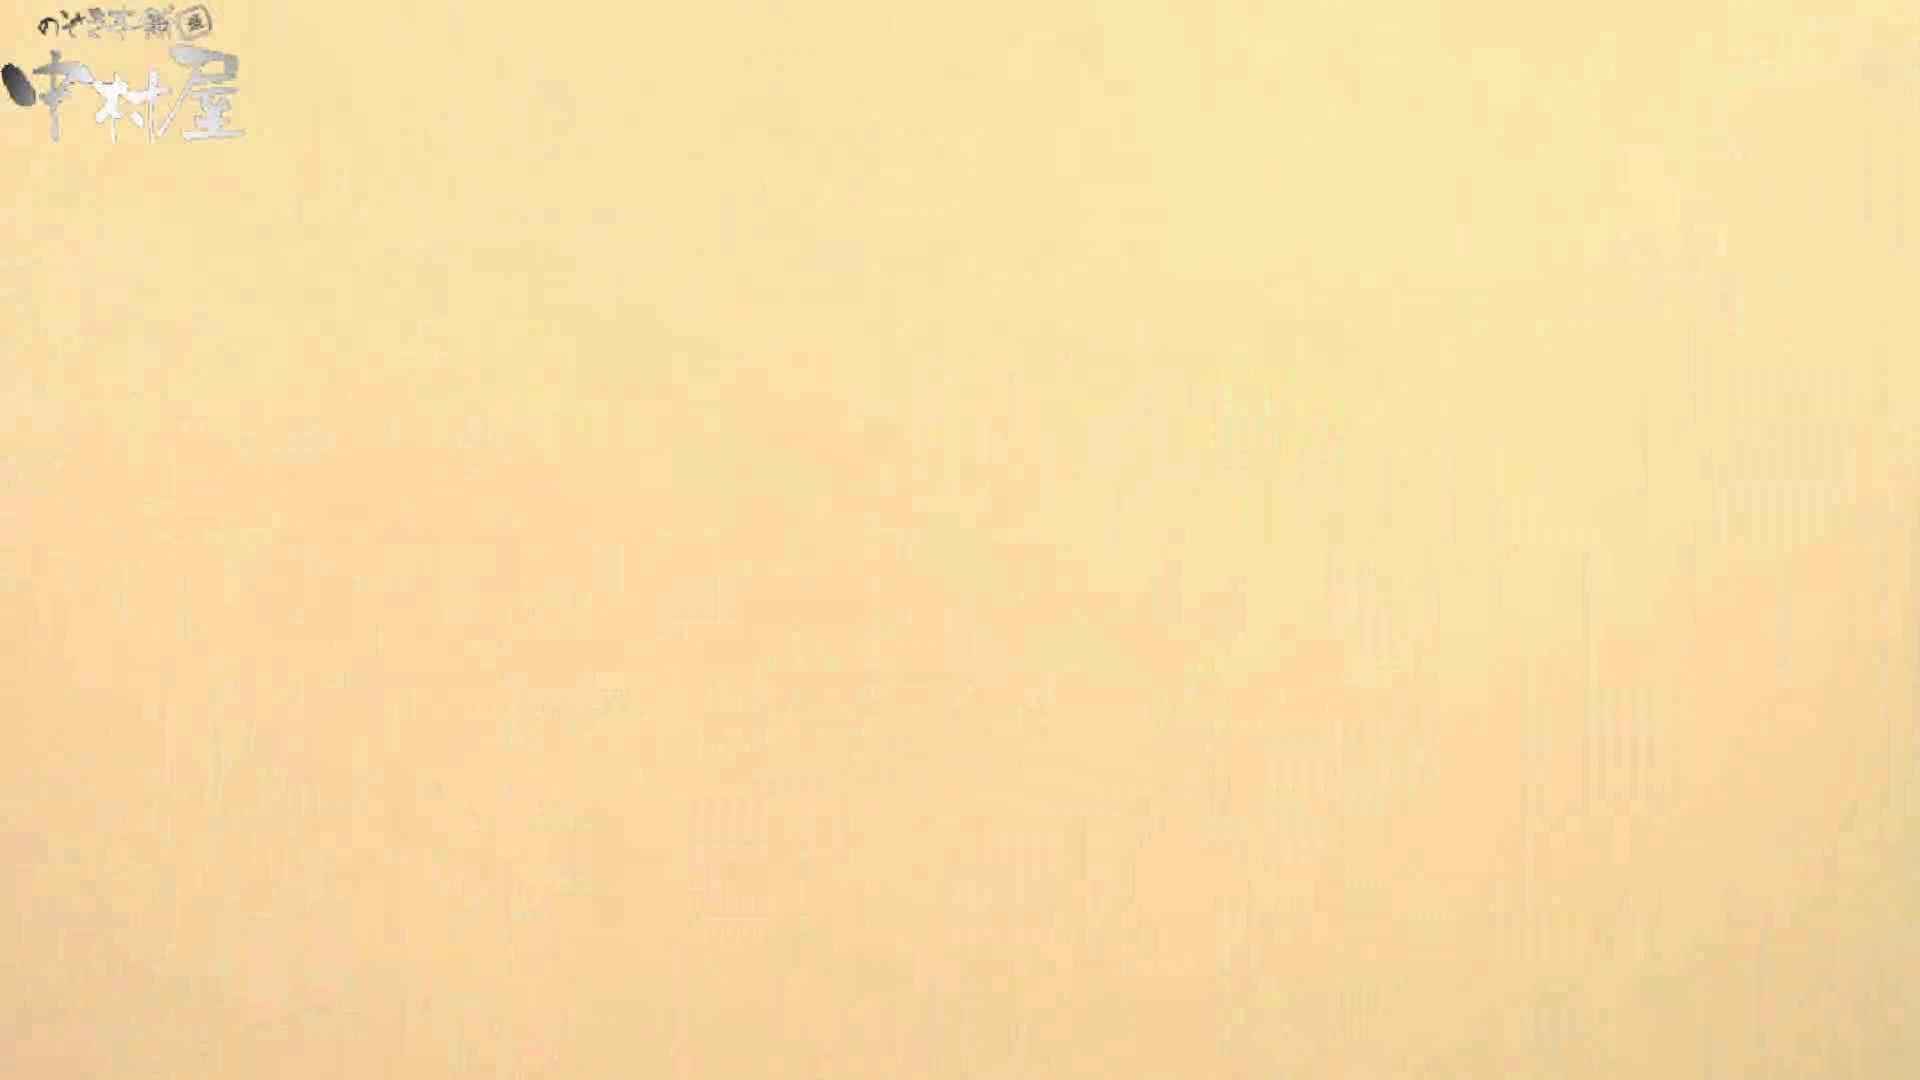 解禁!海の家4カメ洗面所vol.18 洗面所 | OLのプライベート  13pic 9